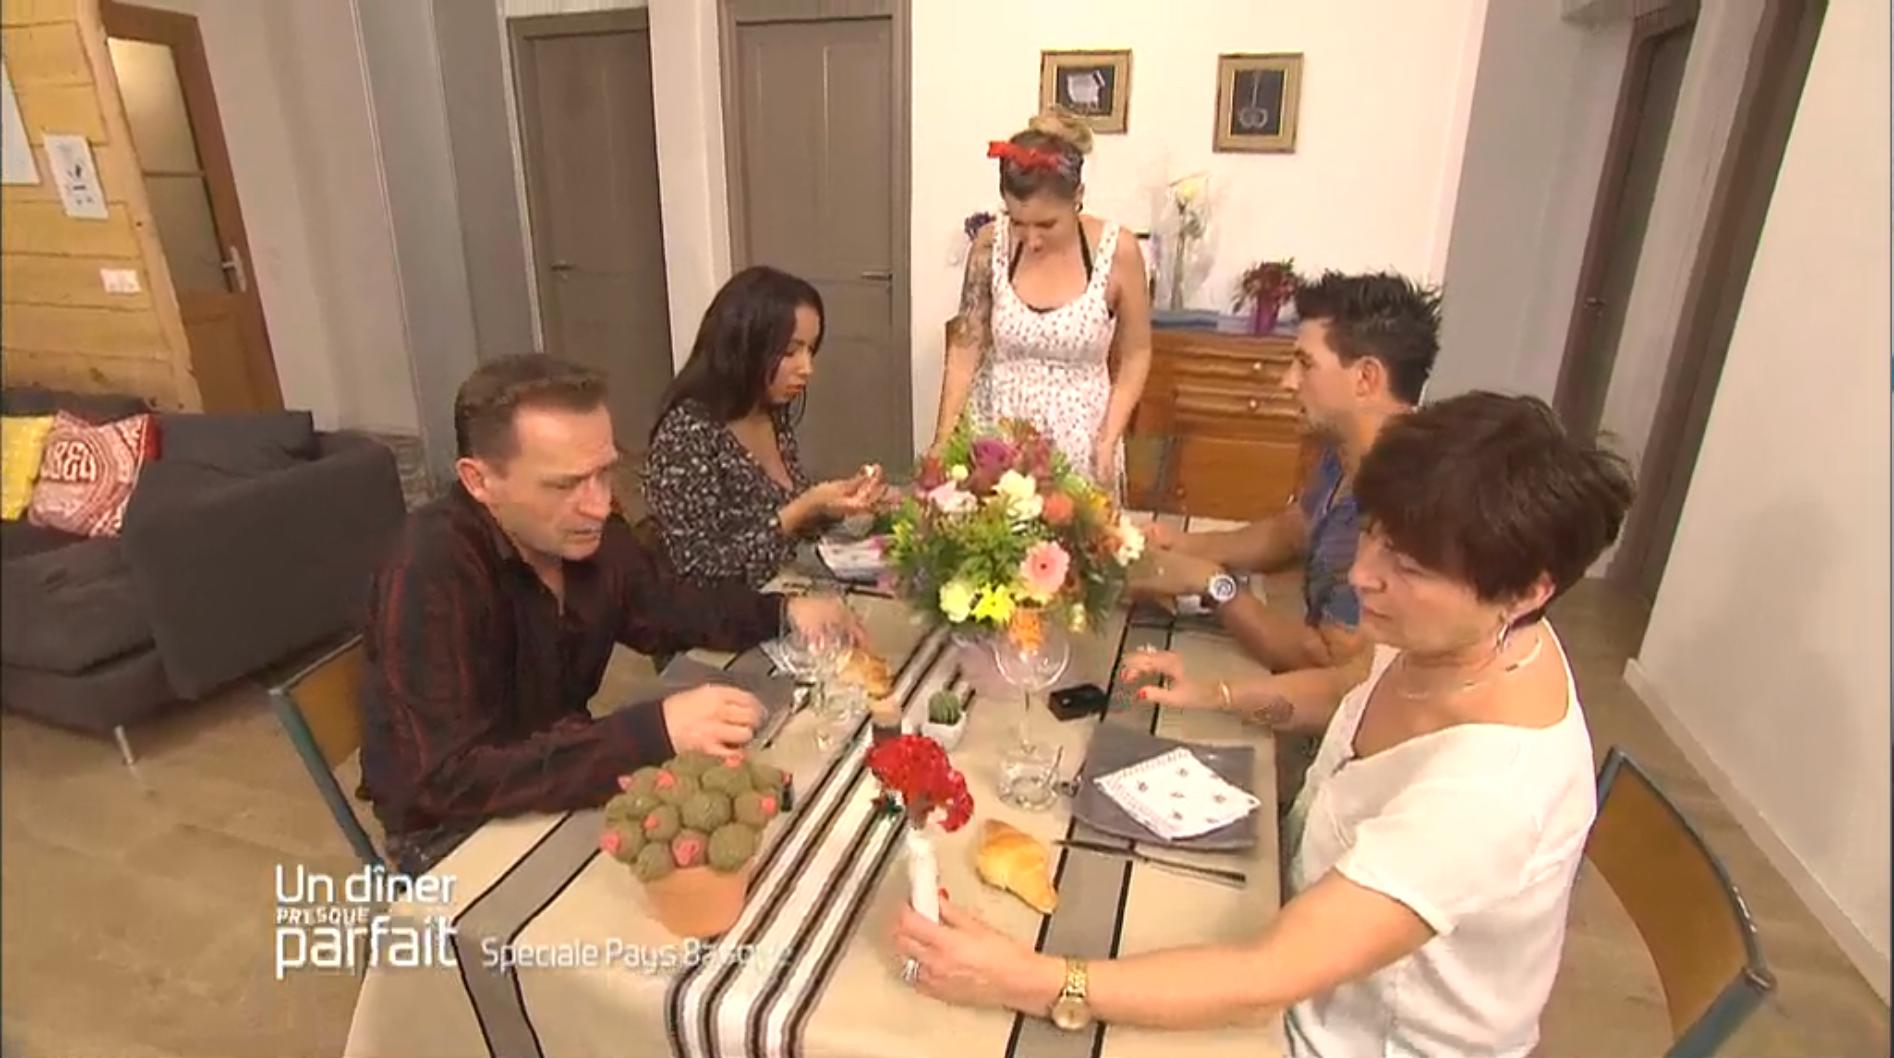 eneko linge basque un diner presque parfait